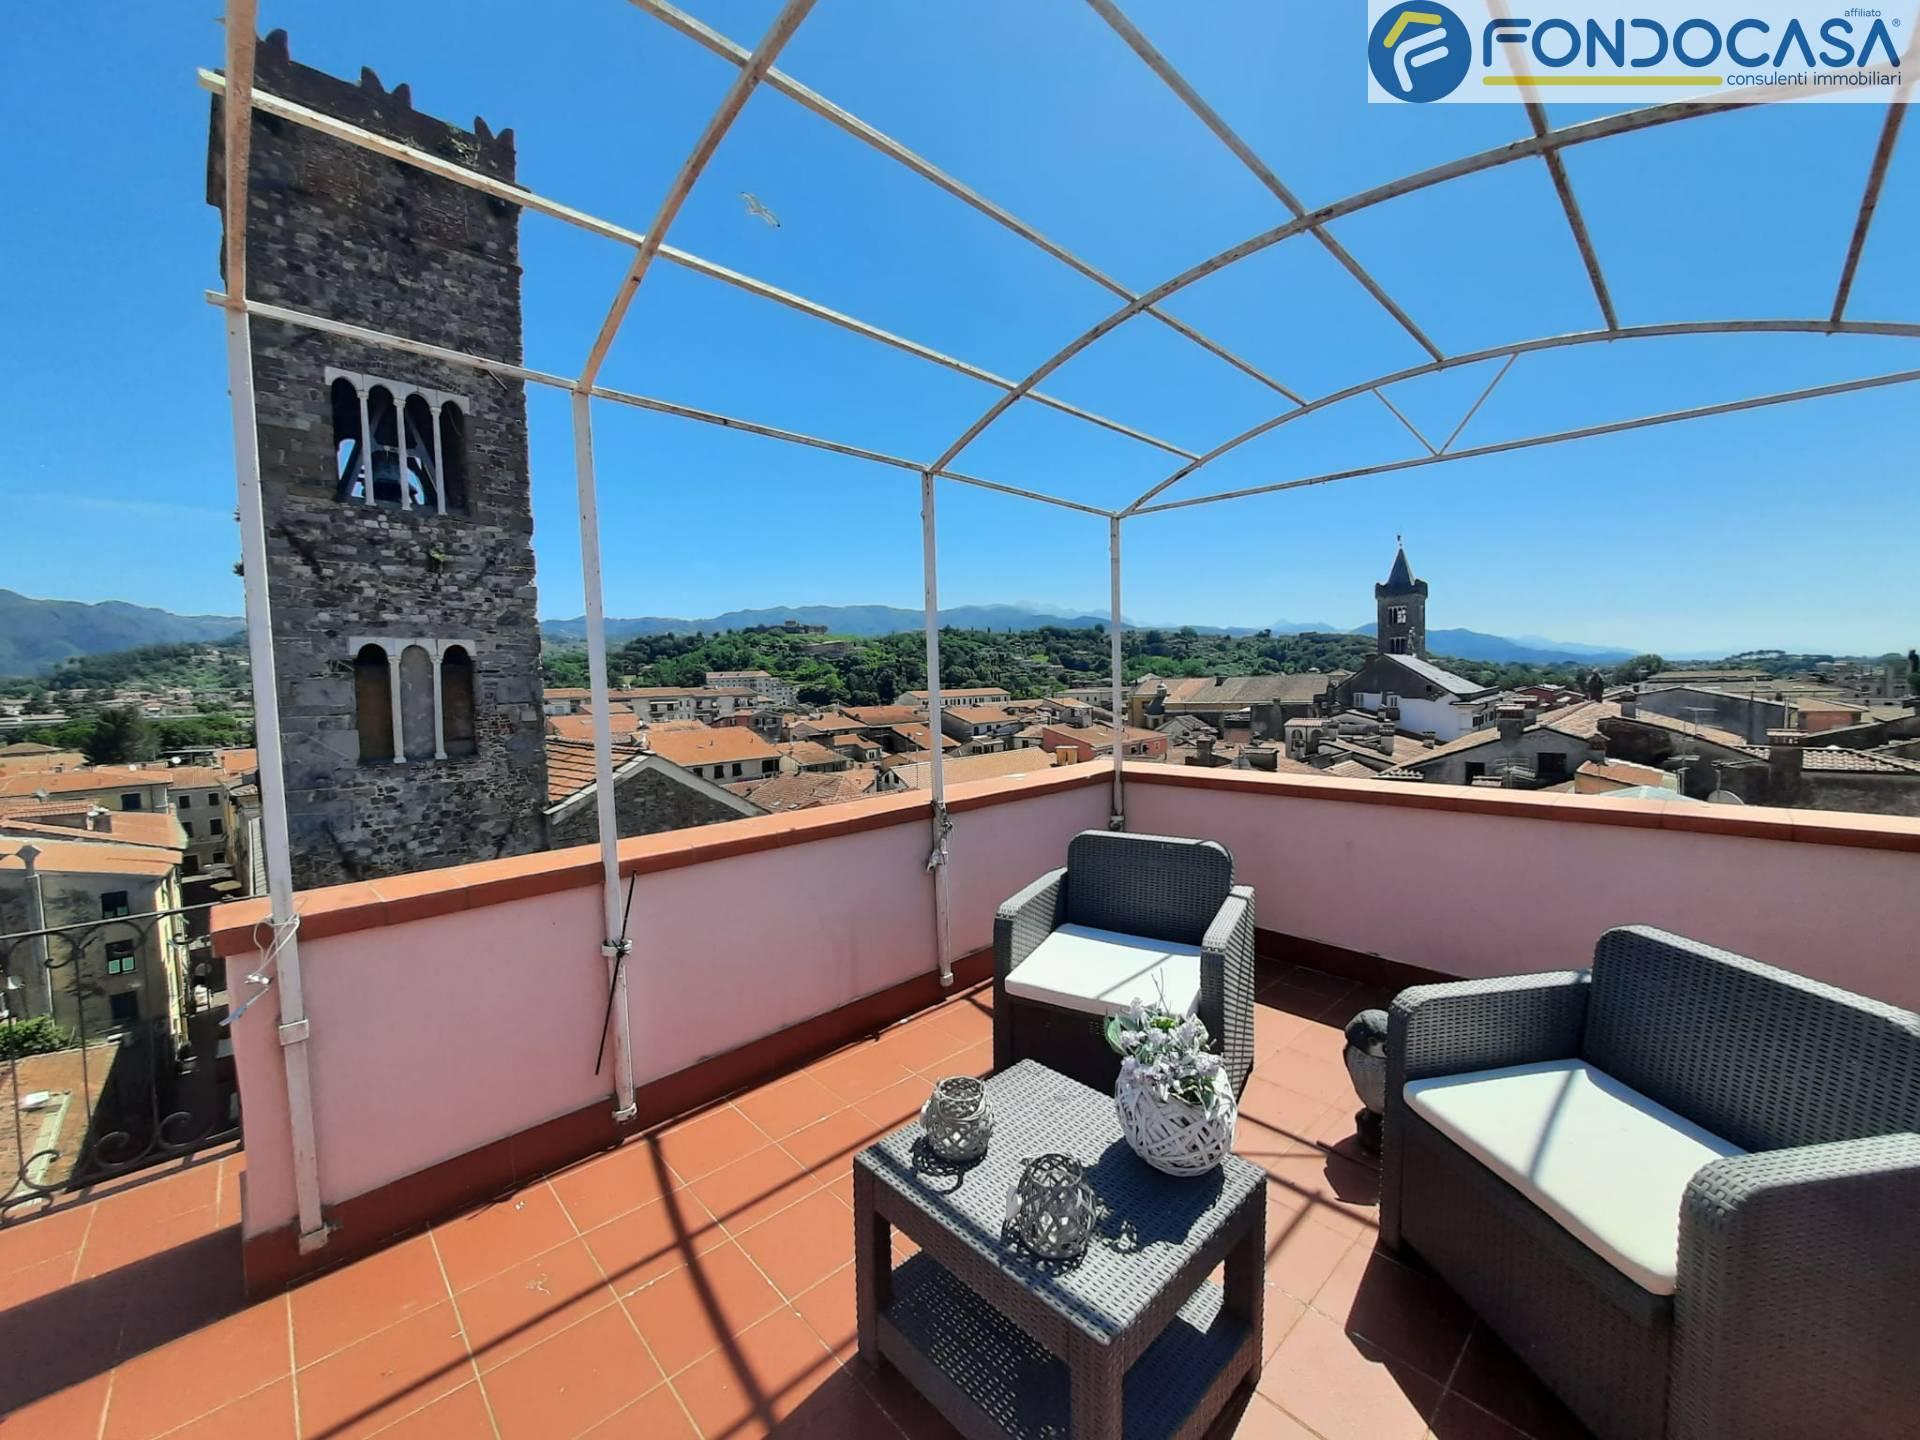 Attico / Mansarda in vendita a Sarzana, 5 locali, prezzo € 330.000 | PortaleAgenzieImmobiliari.it